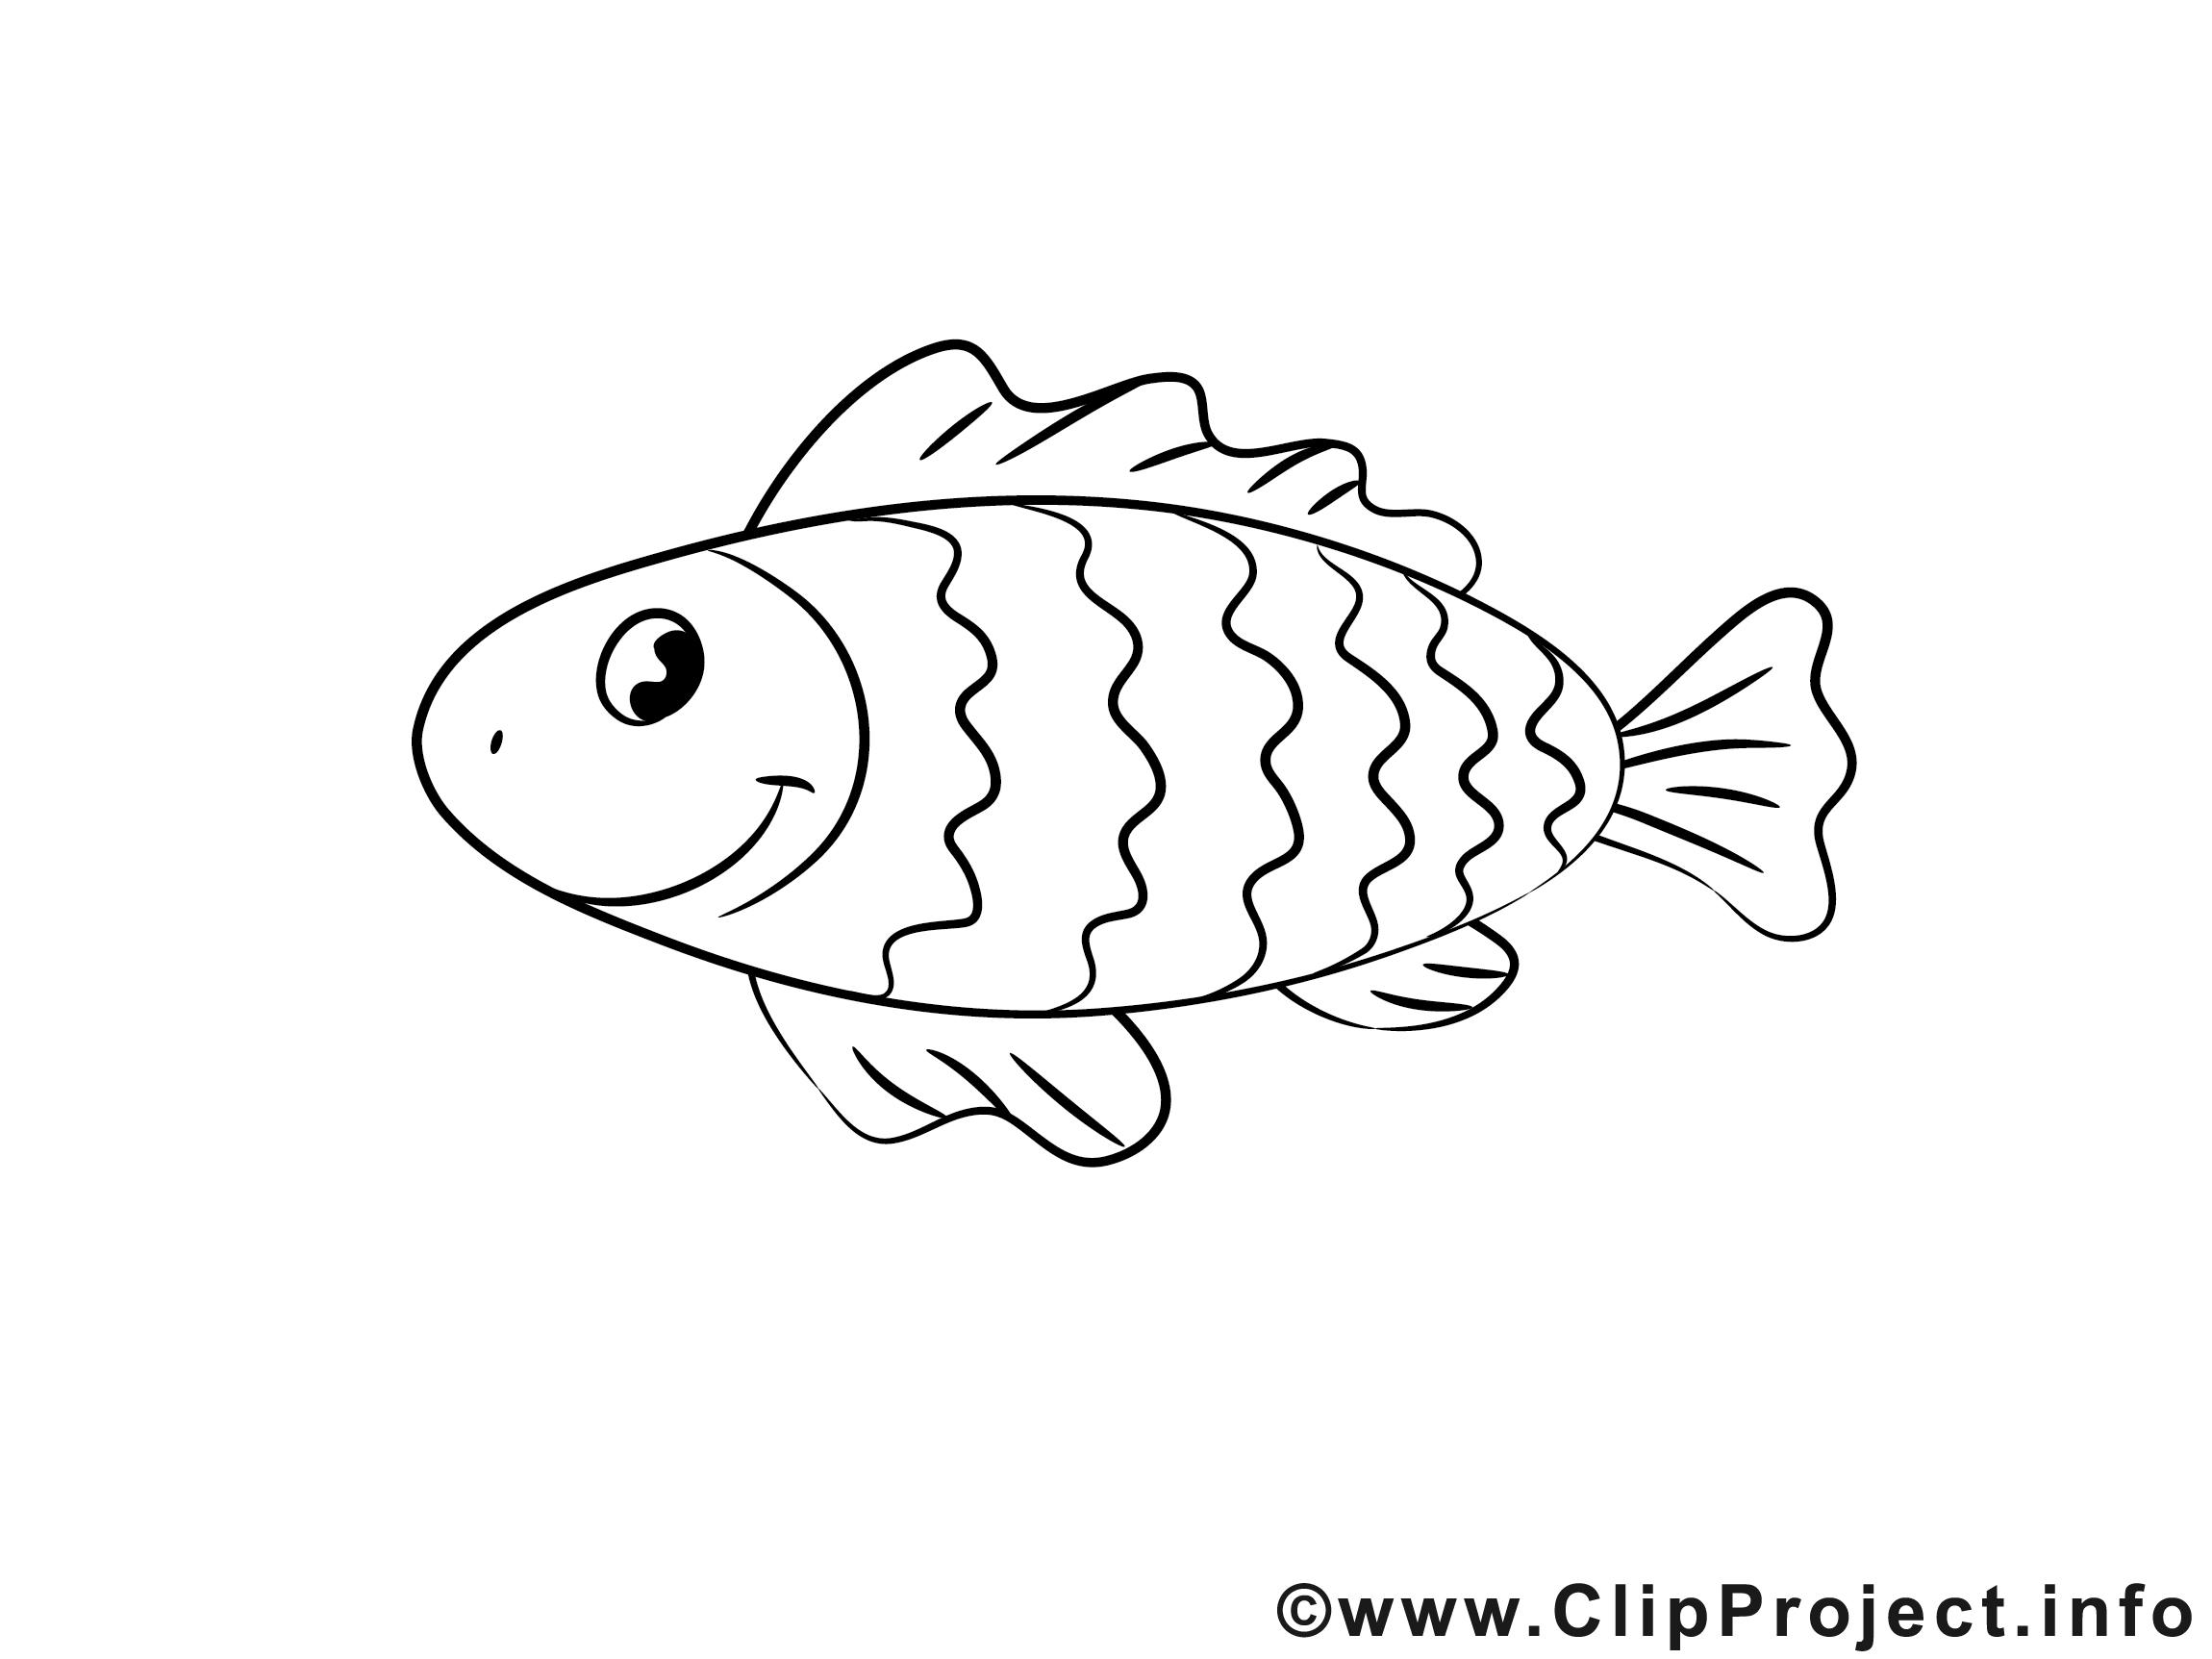 Poisson Clipart Animal Dessins A Colorier Animaux Marins Coloriages Dessin Picture Image Graphic Clip Art Telecharger Gratuit